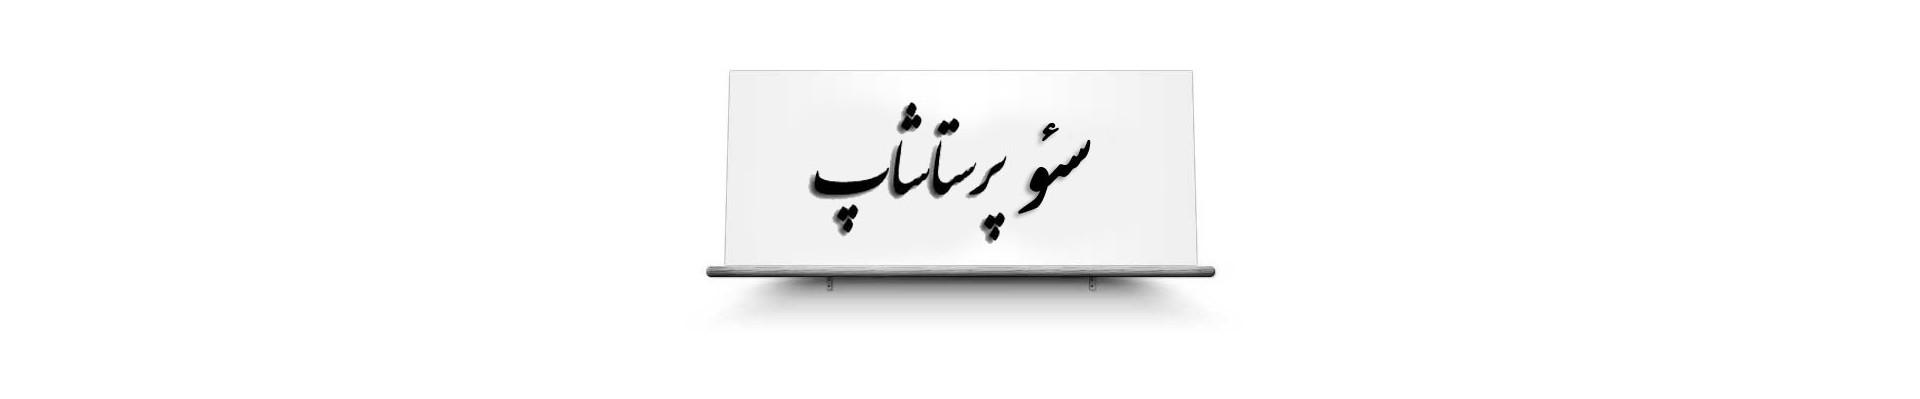 محصولات پرستاشاپ دانلود پرستاشاپ فارسی 1.5-دانلود پرستاشاپ فارسی 1.5